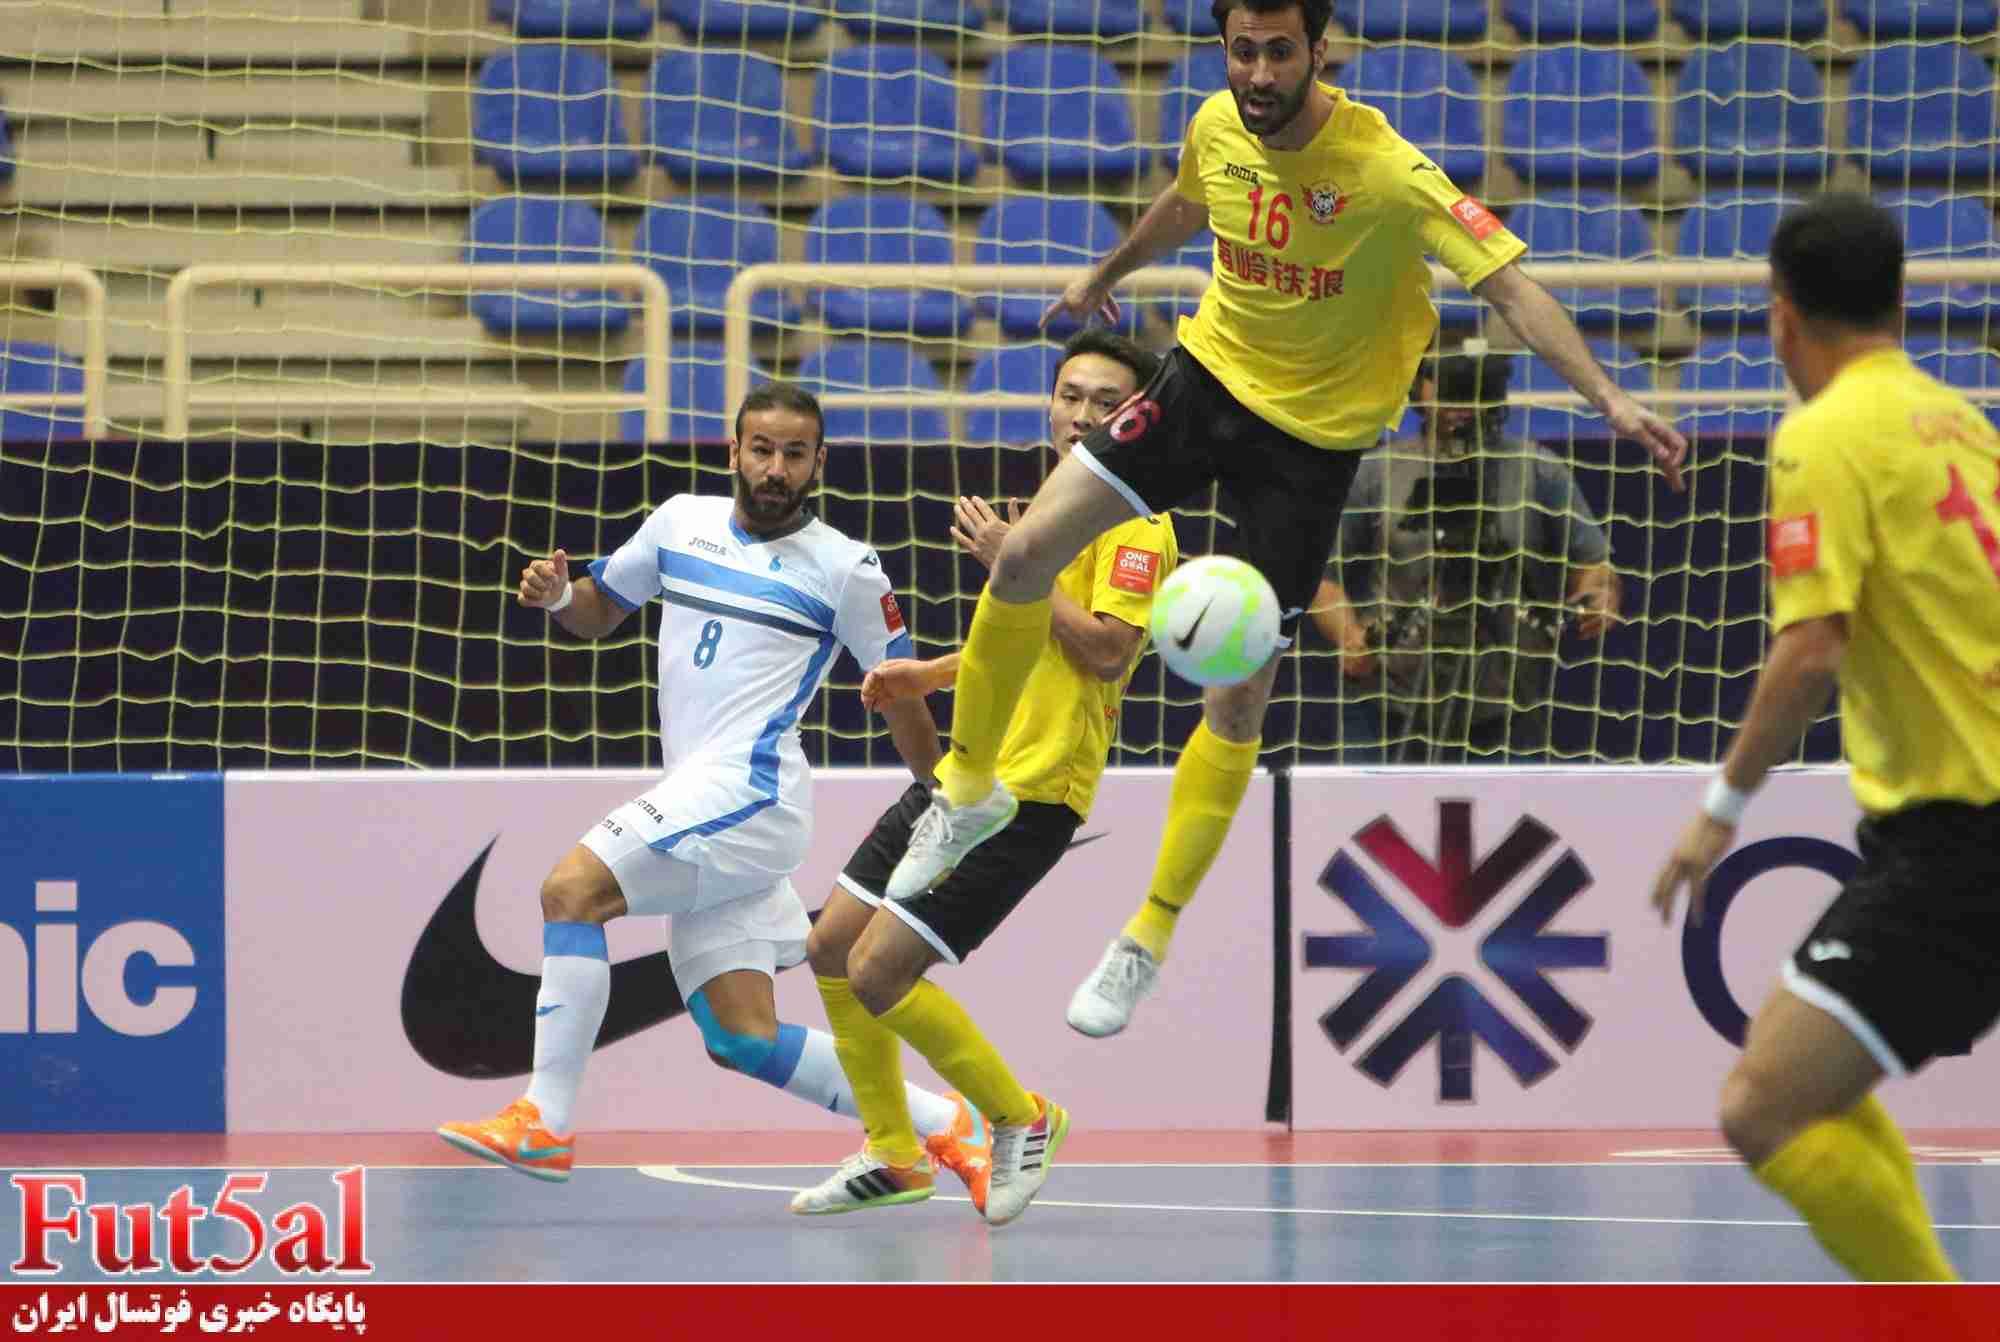 گزارش تصویری اختصاصی/بازی تیم های بانک بیروت لبنان با شن زن چین